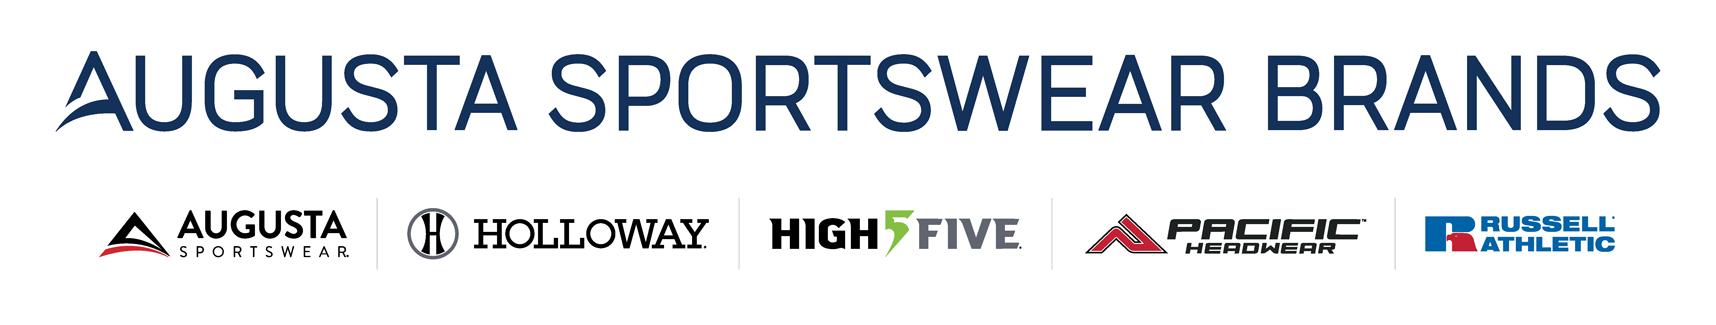 Augusta Sportswear Brands logo